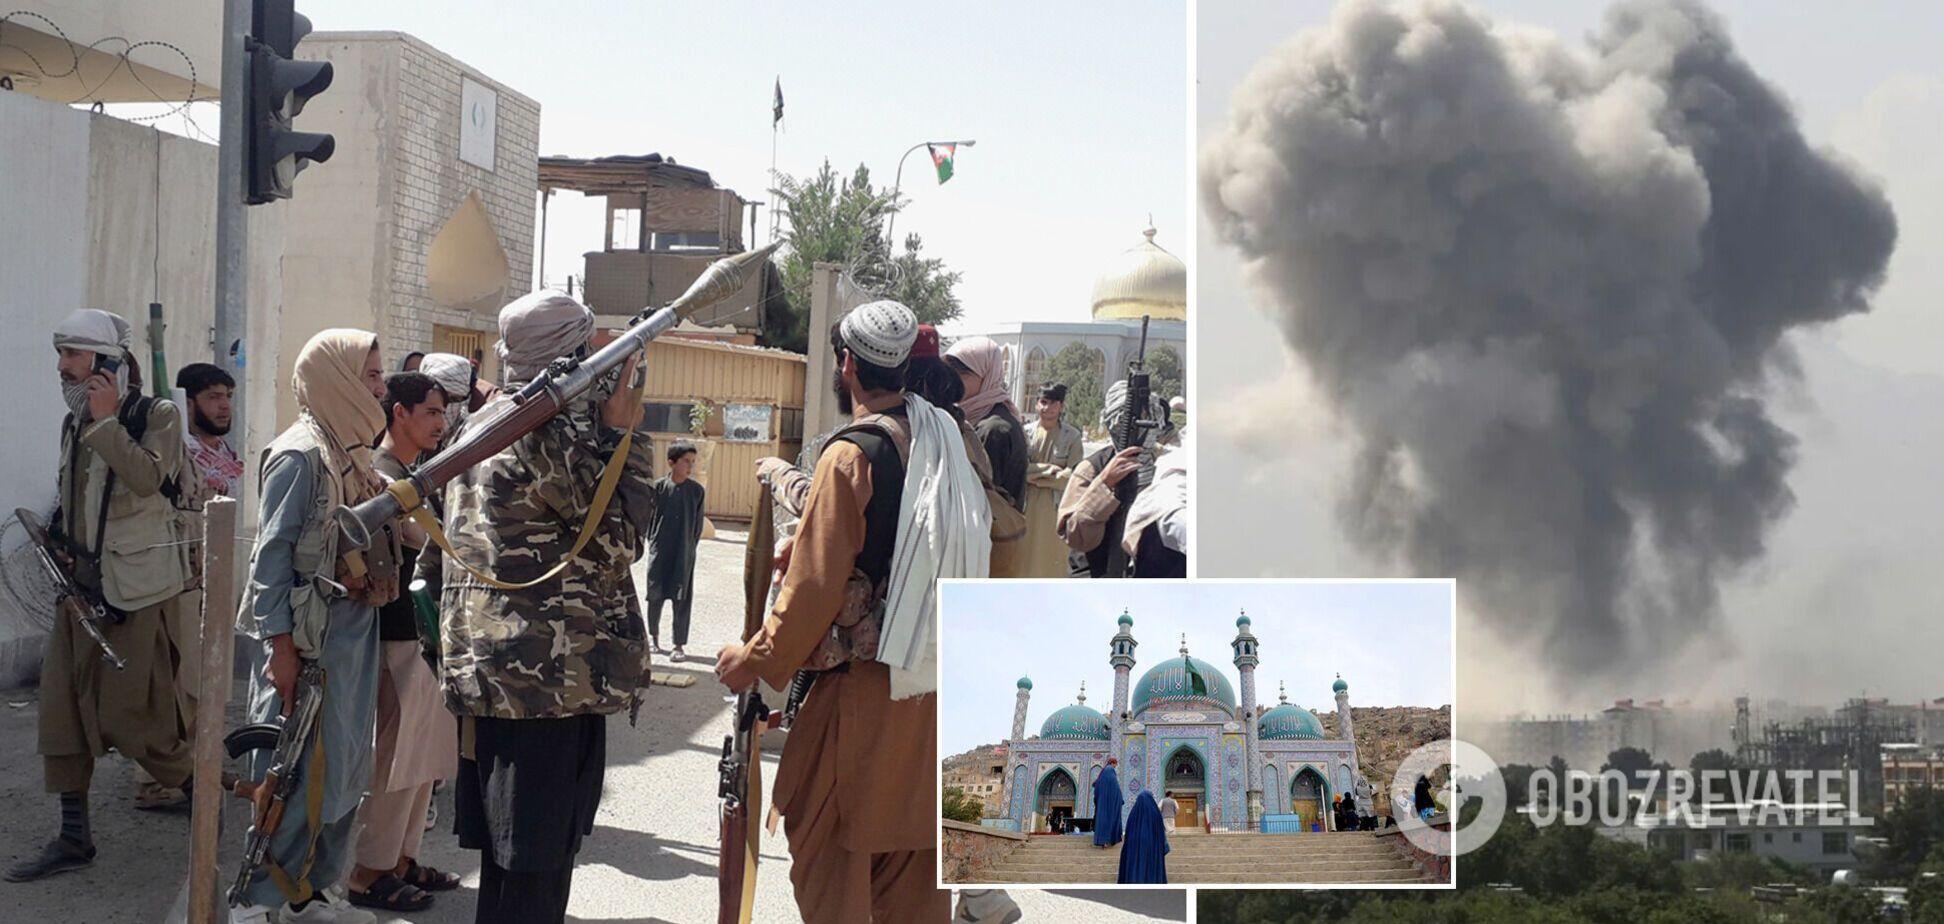 У Кабулі прогримів потужний вибух біля мечеті: є загиблі та поранені